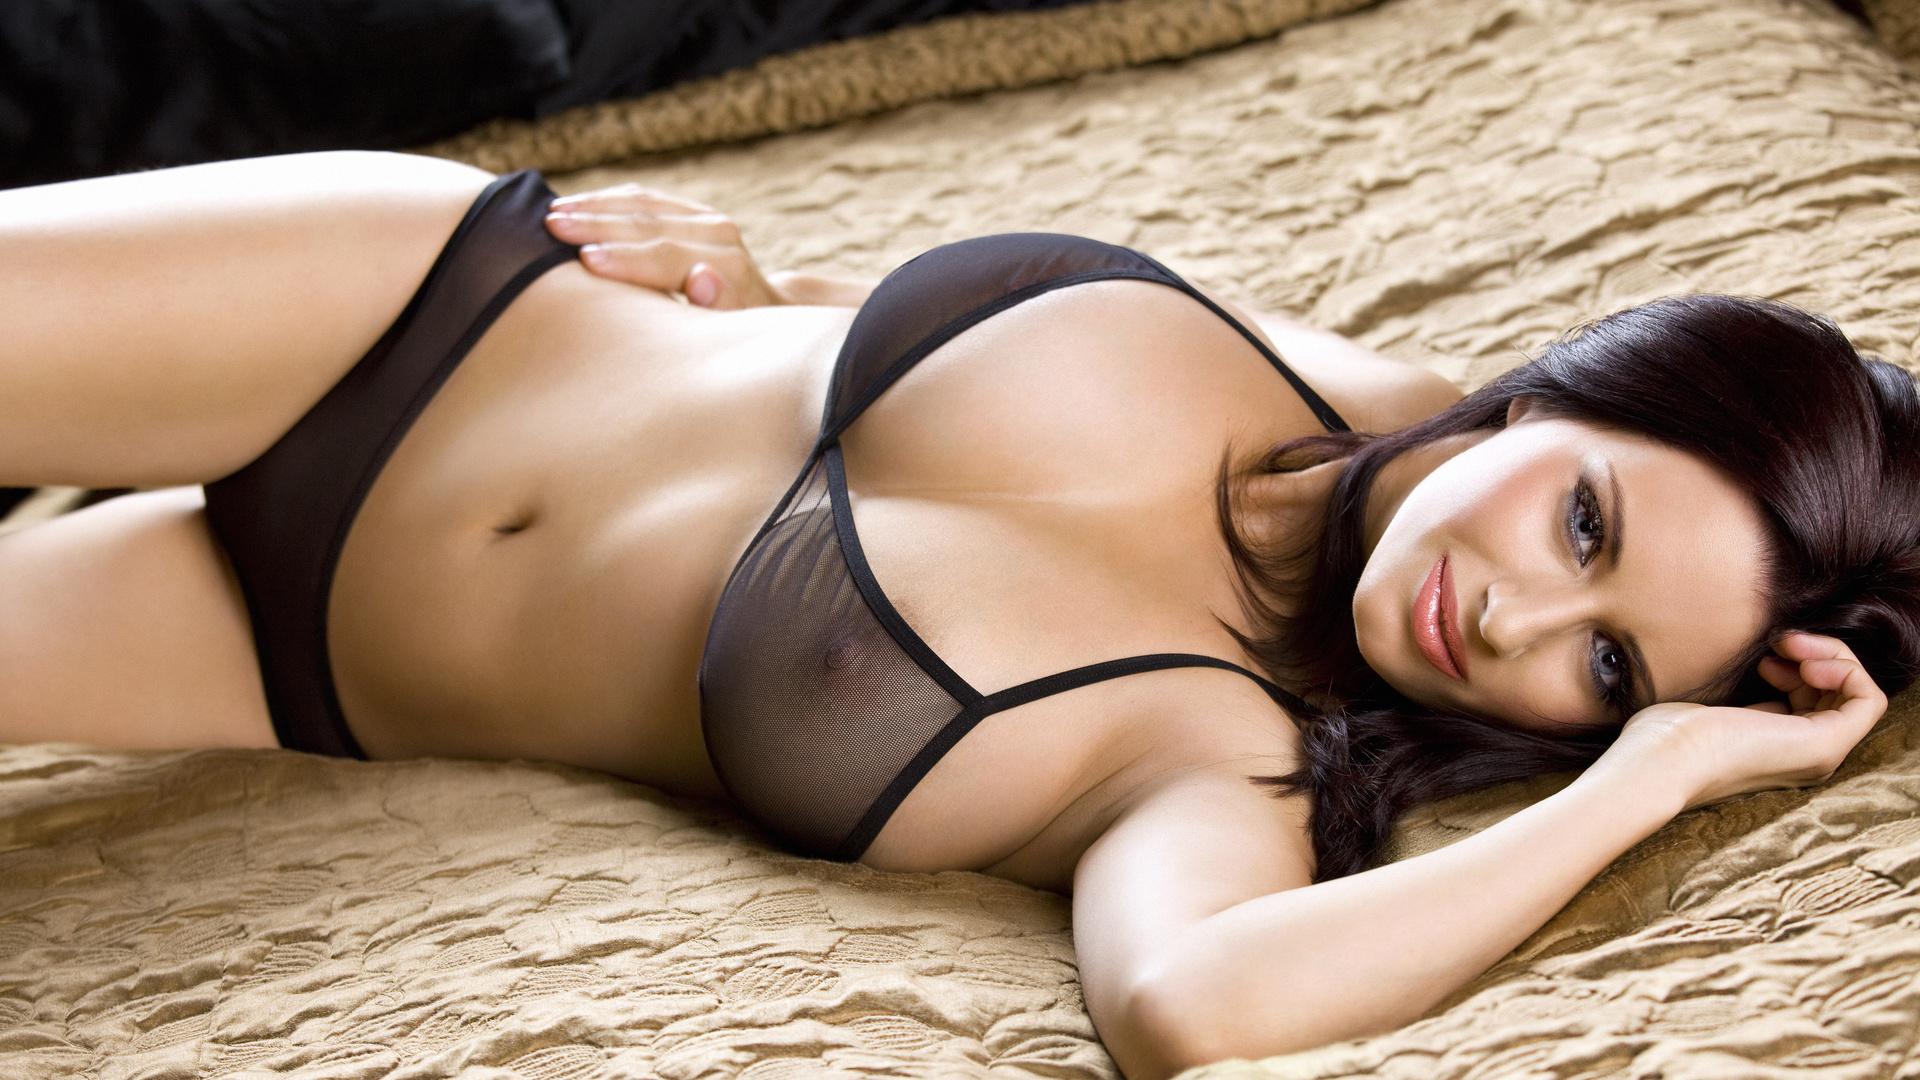 Сексопильная девушка онлайн, Сексопильная девушка » Смотреть бесплатно онлайн 24 фотография